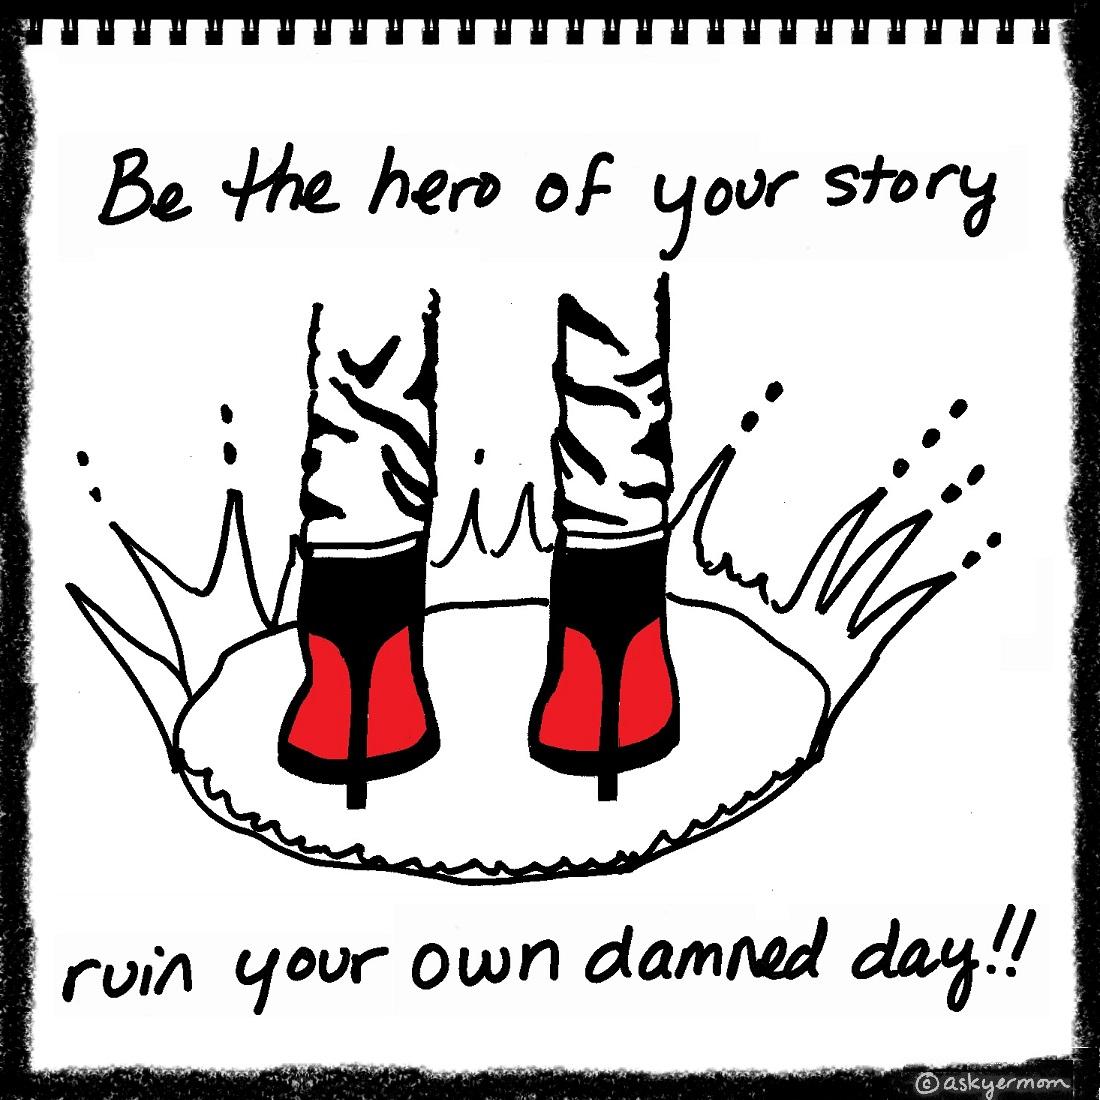 hero ruin day